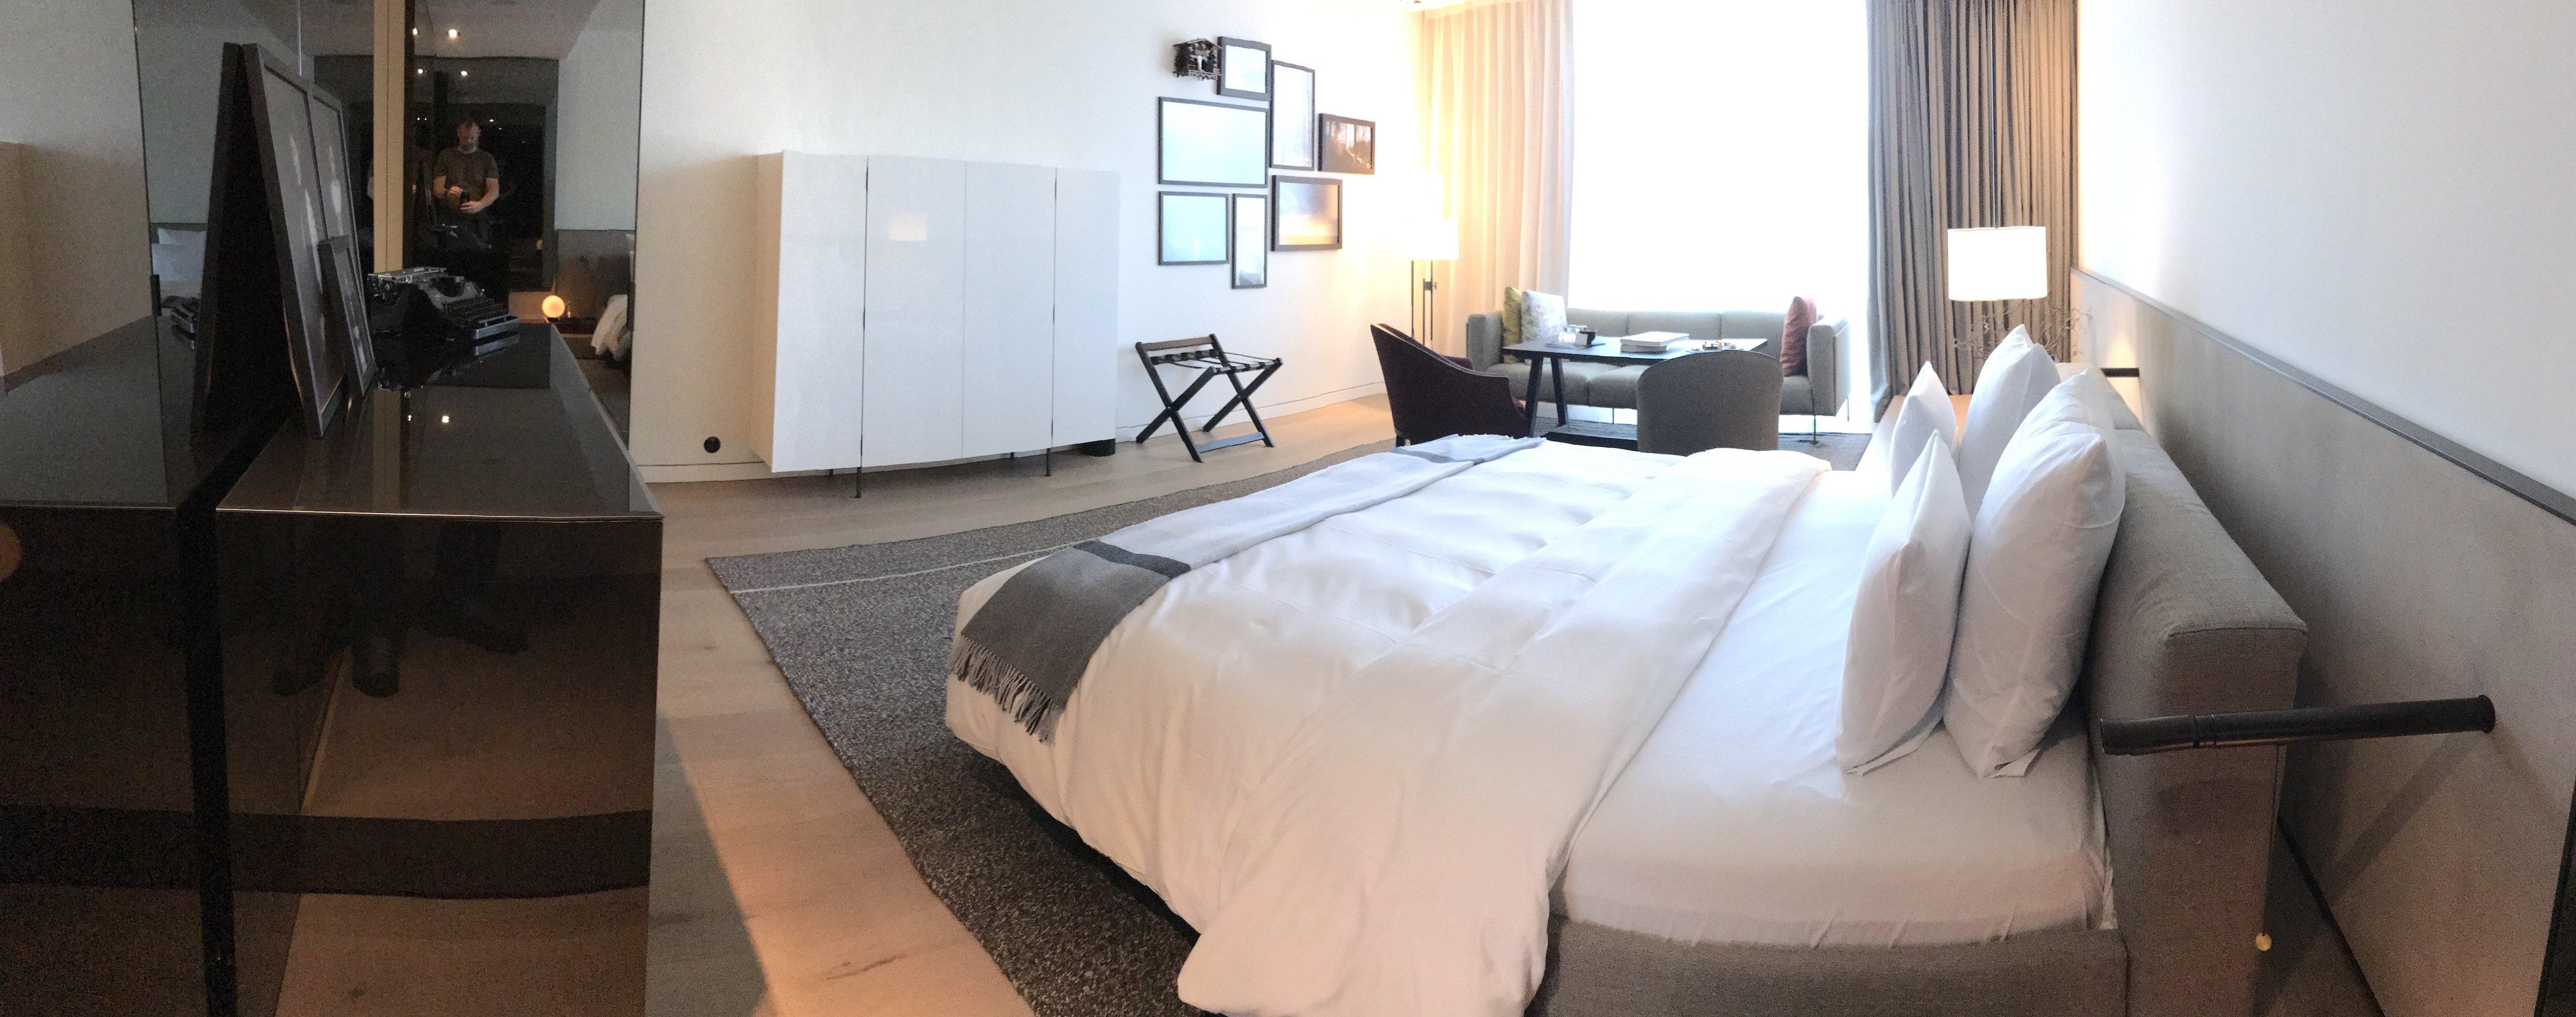 Panorama in der Suite - so wirklich gut macht das iPhone das aber auch nicht...